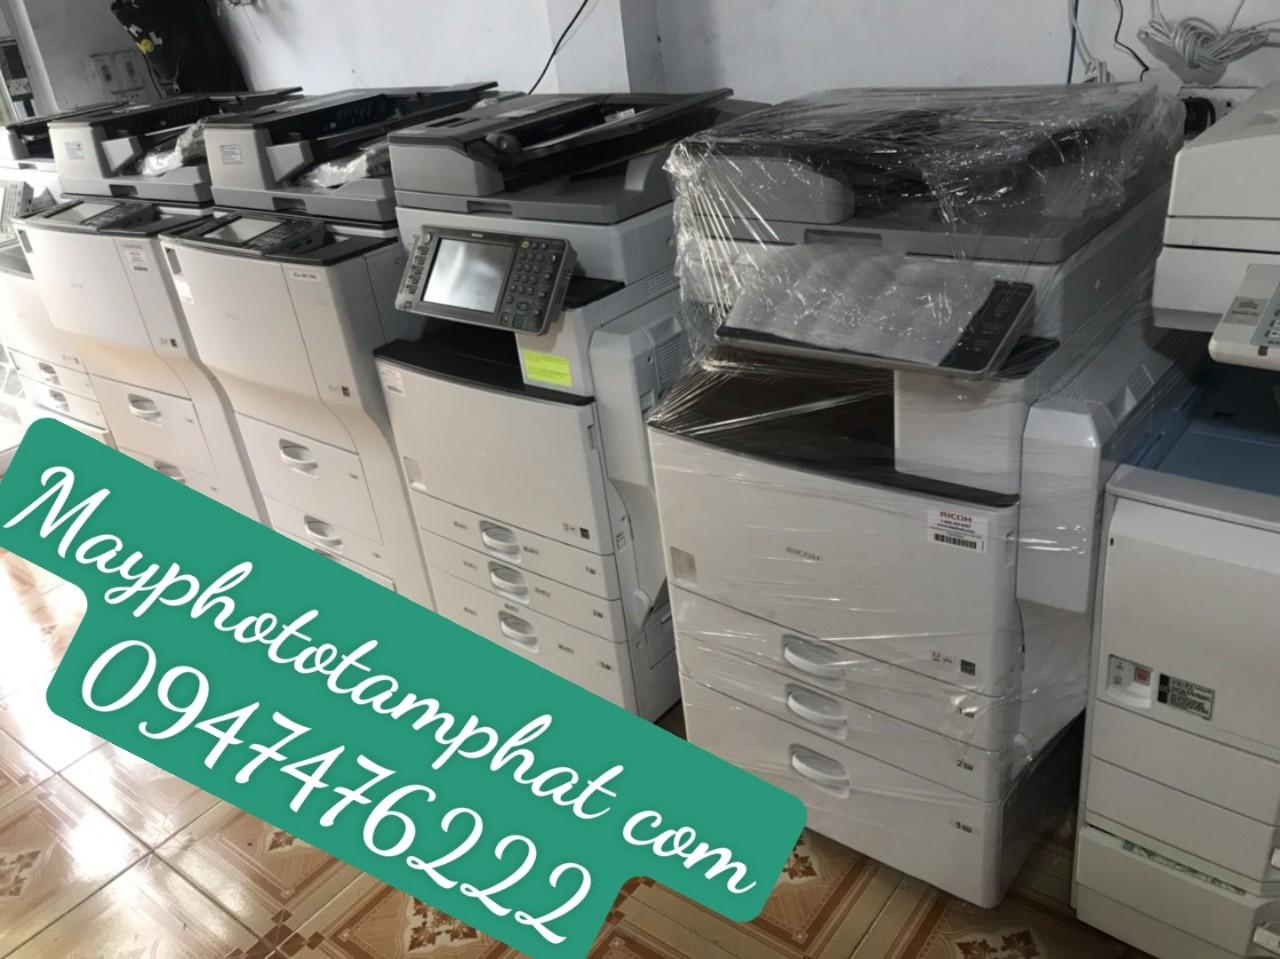 Địa chỉ cho thuê máy photocopy tại Hà Nội